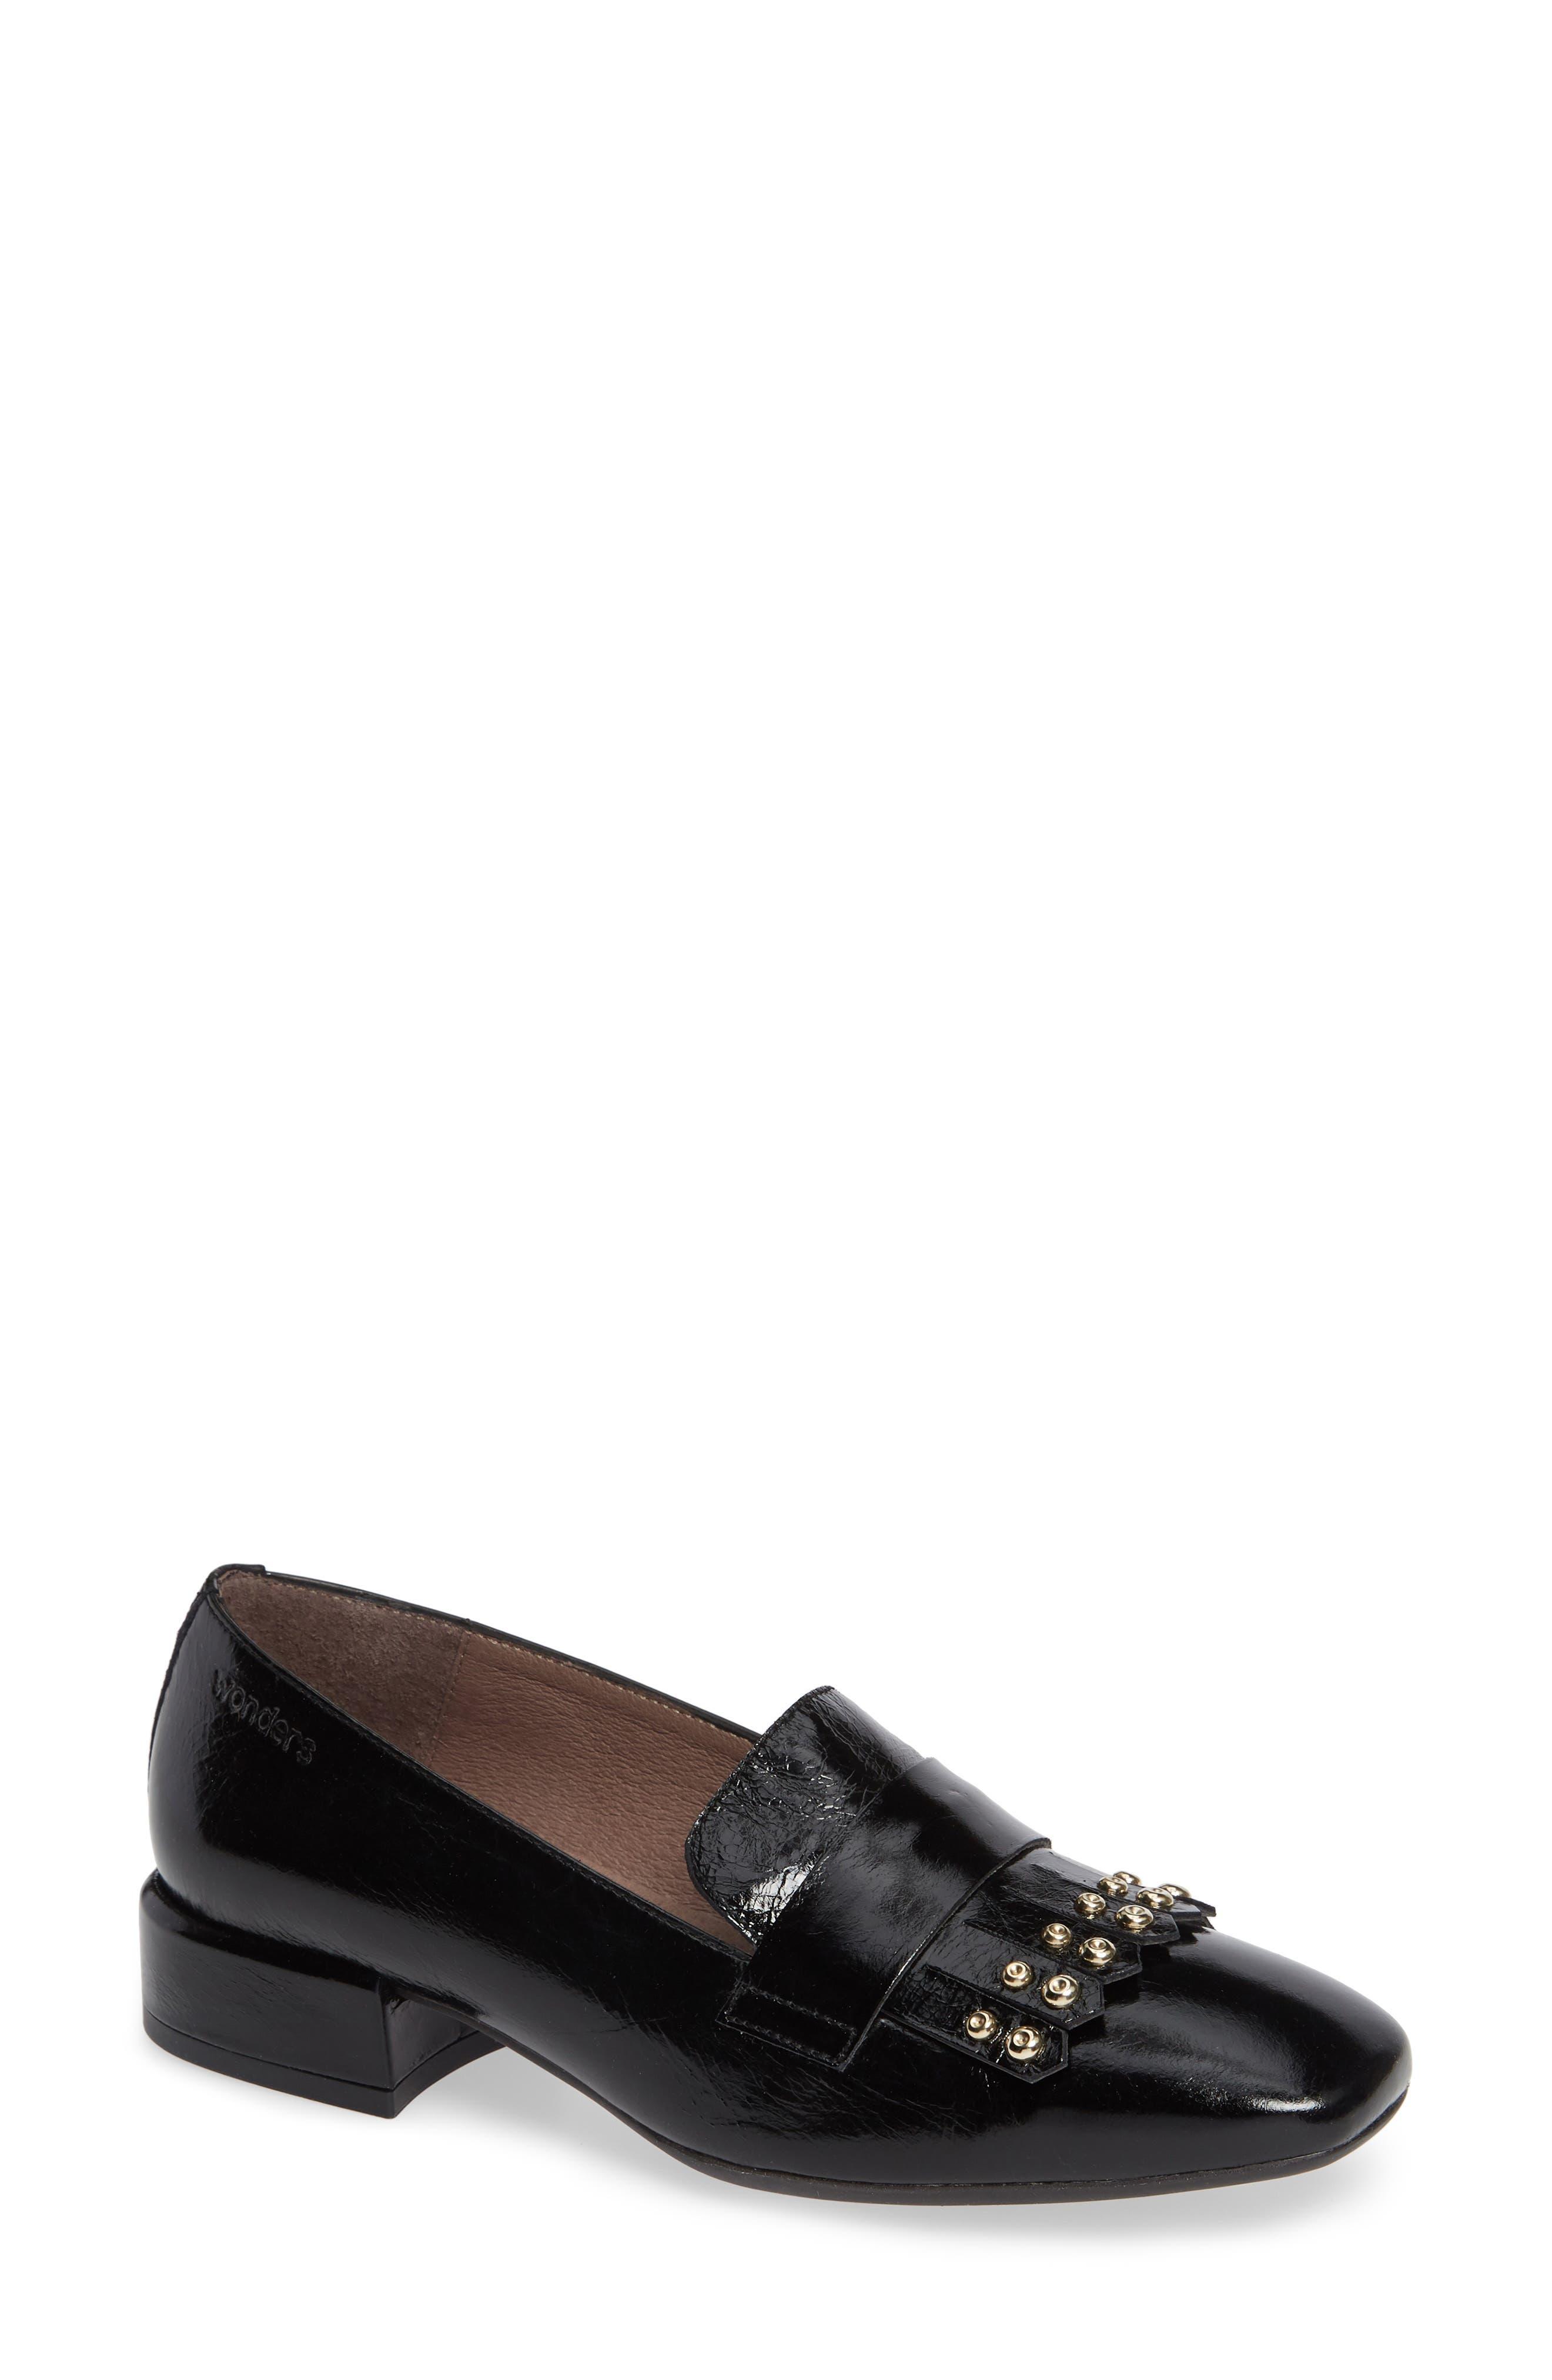 Wonders Low Heel Fringe Loafer, Black